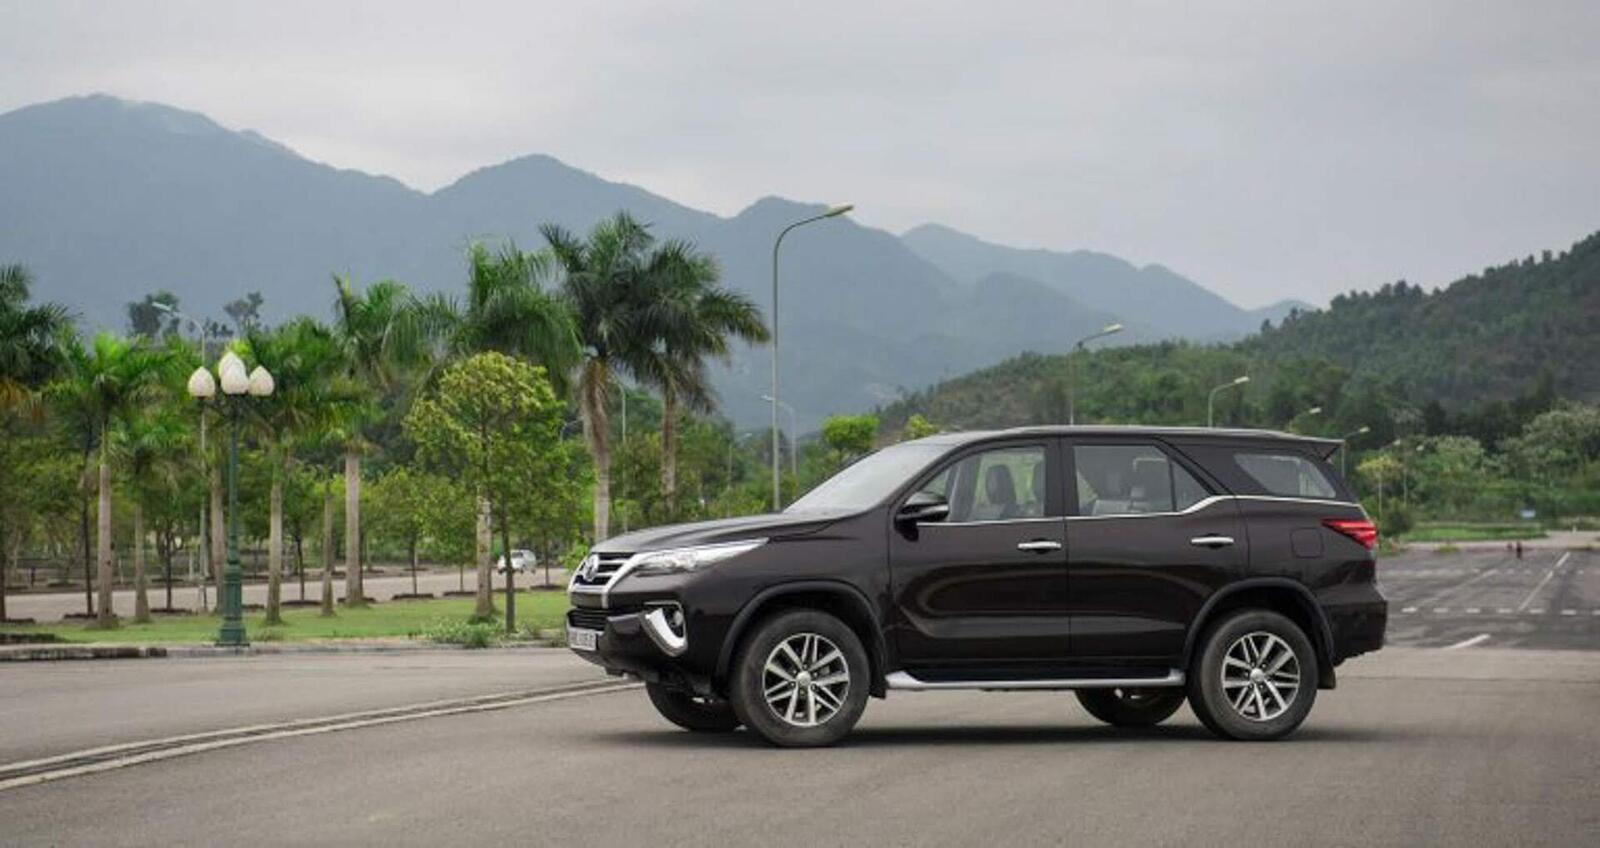 So sánh giá bán của Toyota Fortuner và Chevrolet Trailblazer - Hình 4